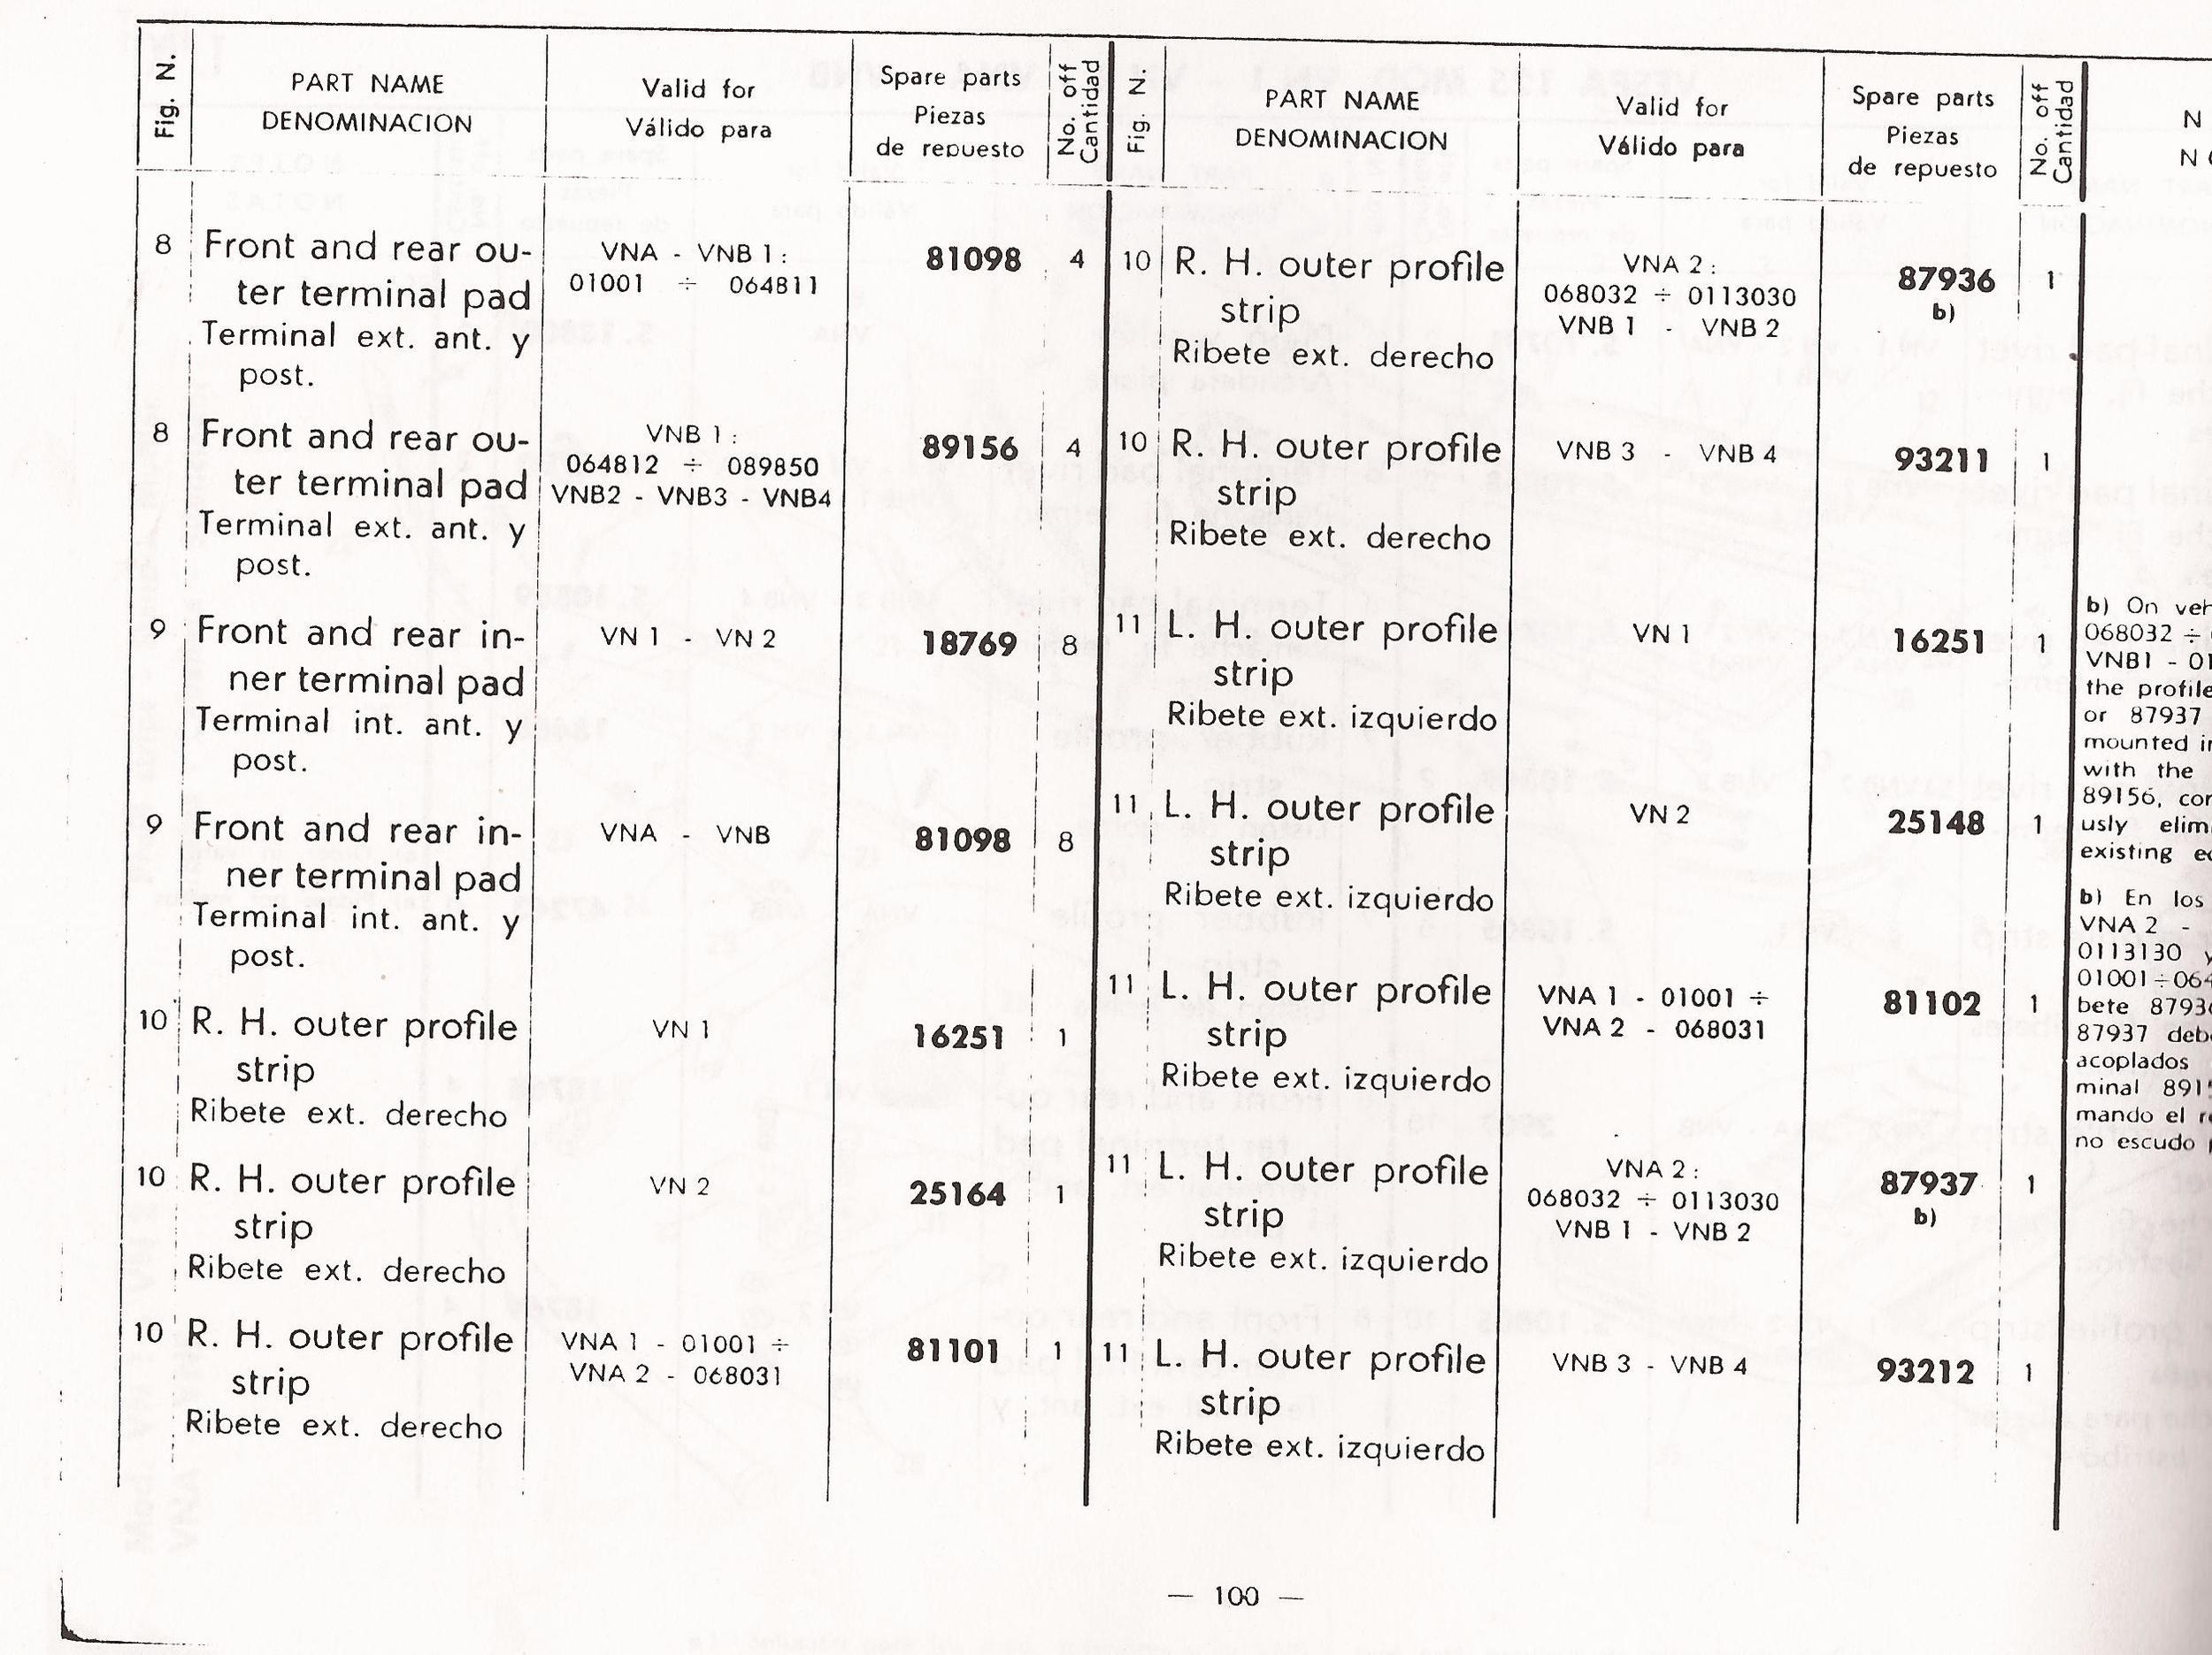 07-16-2013 vespa 125 catalog manuel 104.jpg